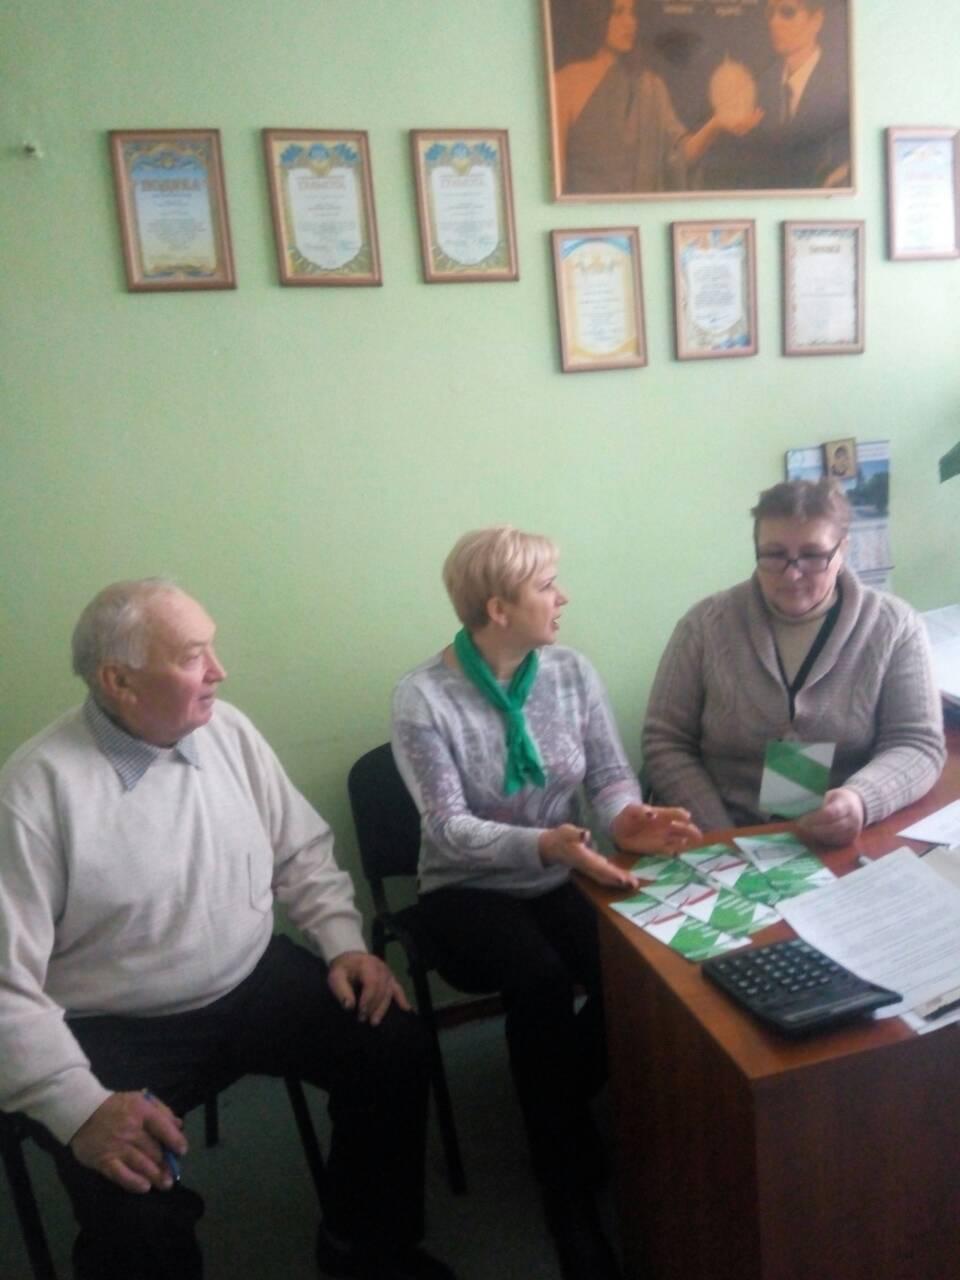 271119 - Спеціалісти Фонду зустрілись із представниками територіальних первинних організацій УТОС